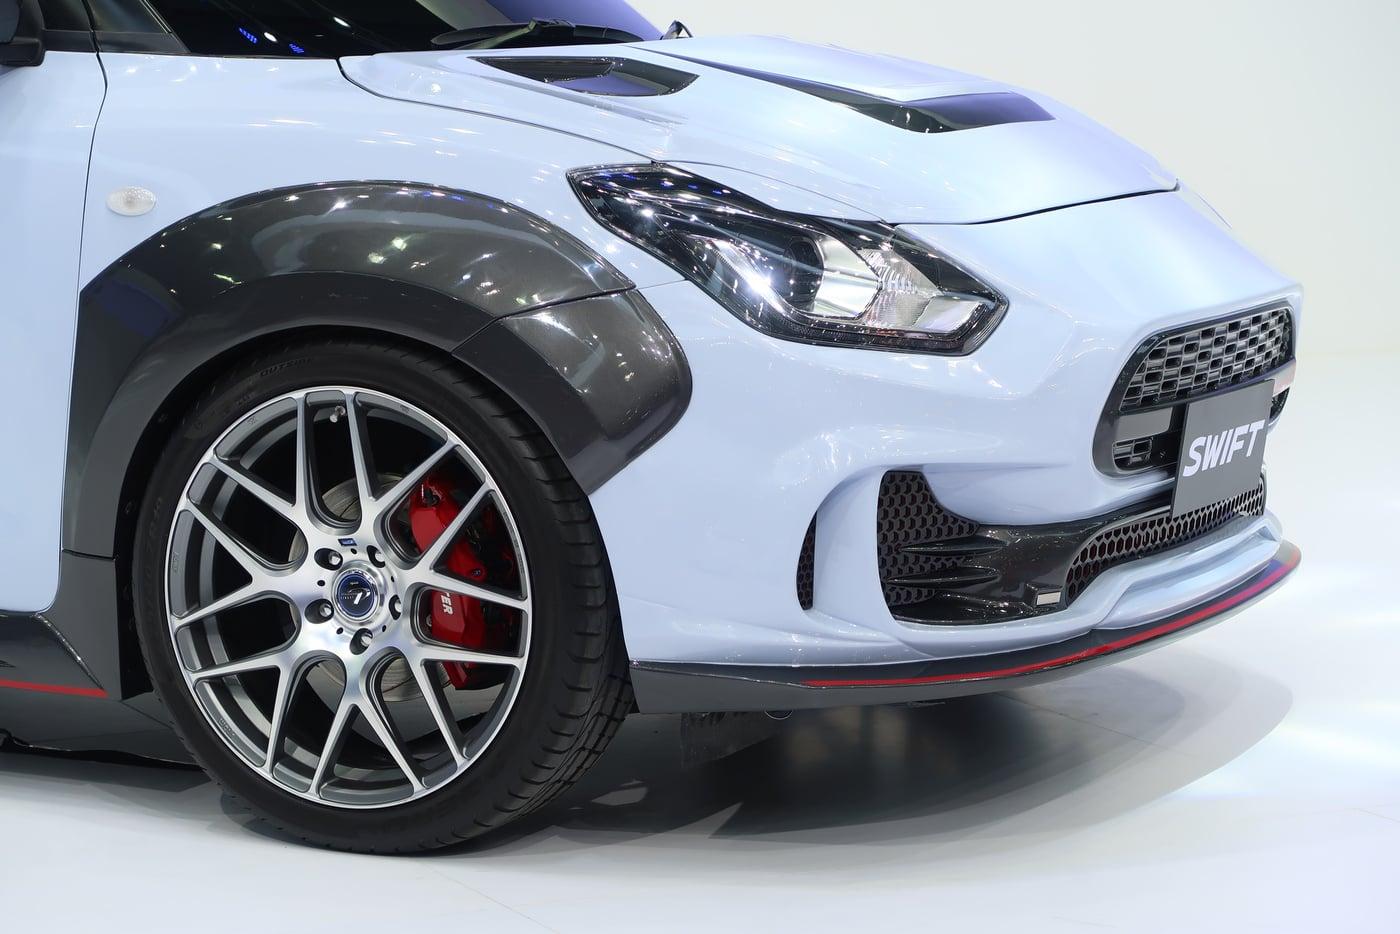 Suzuki-Swift-Extreme-Concept-7